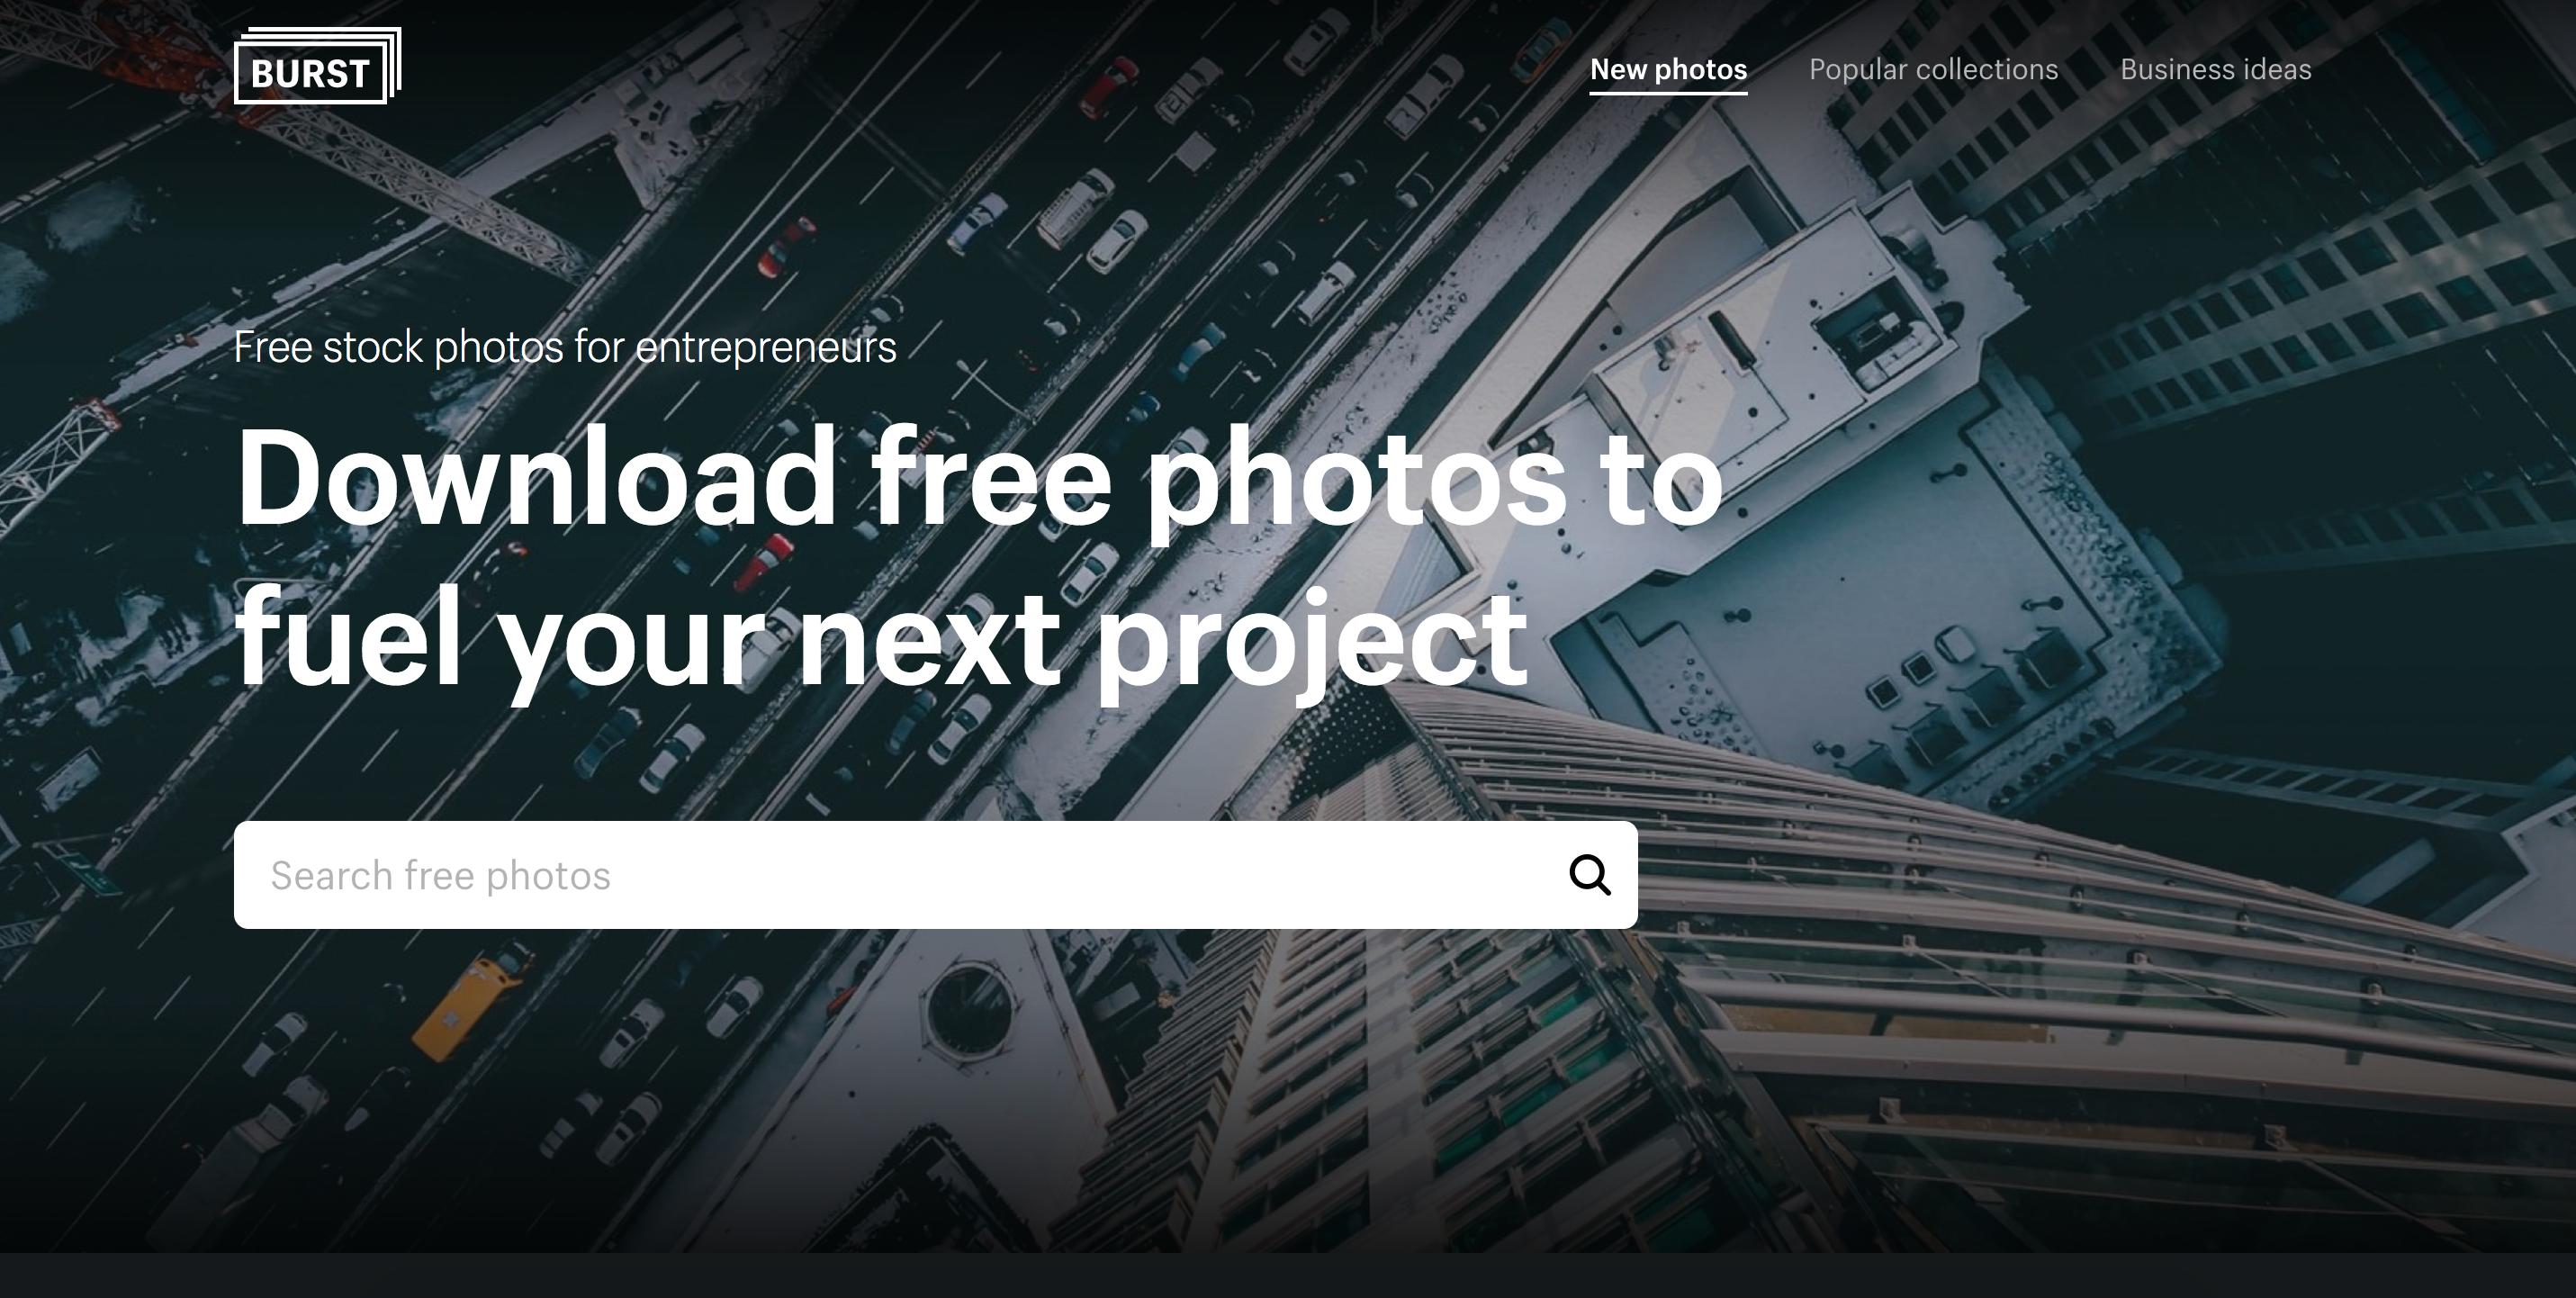 Brust - Plattform für lizenzfreie und kostenlose Bilder